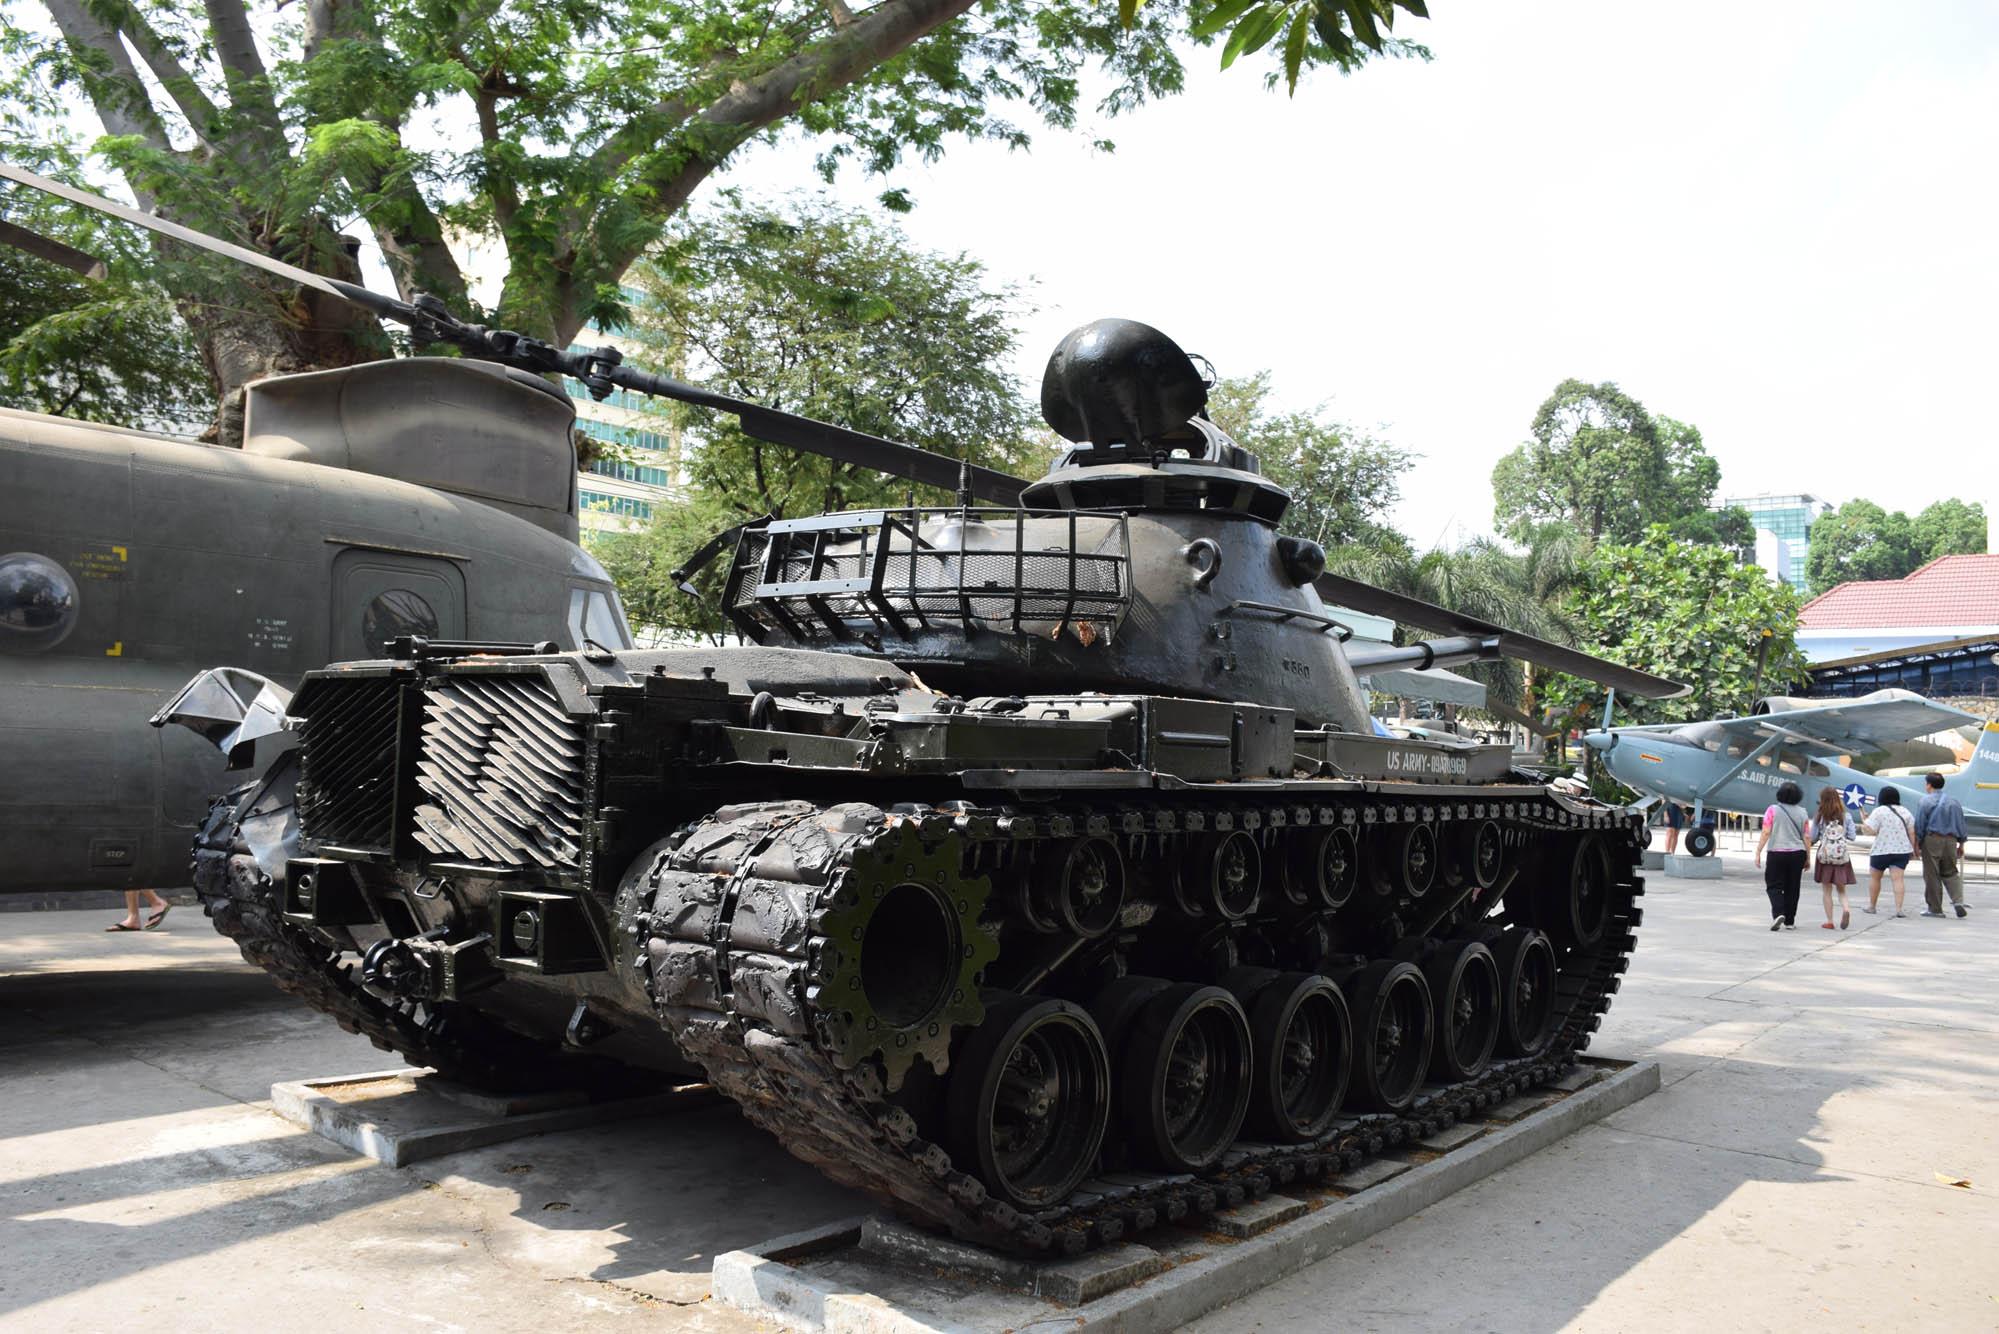 Alguns dos armamentos, tanques e aeronaves utilizadas pelos EUA na guerra